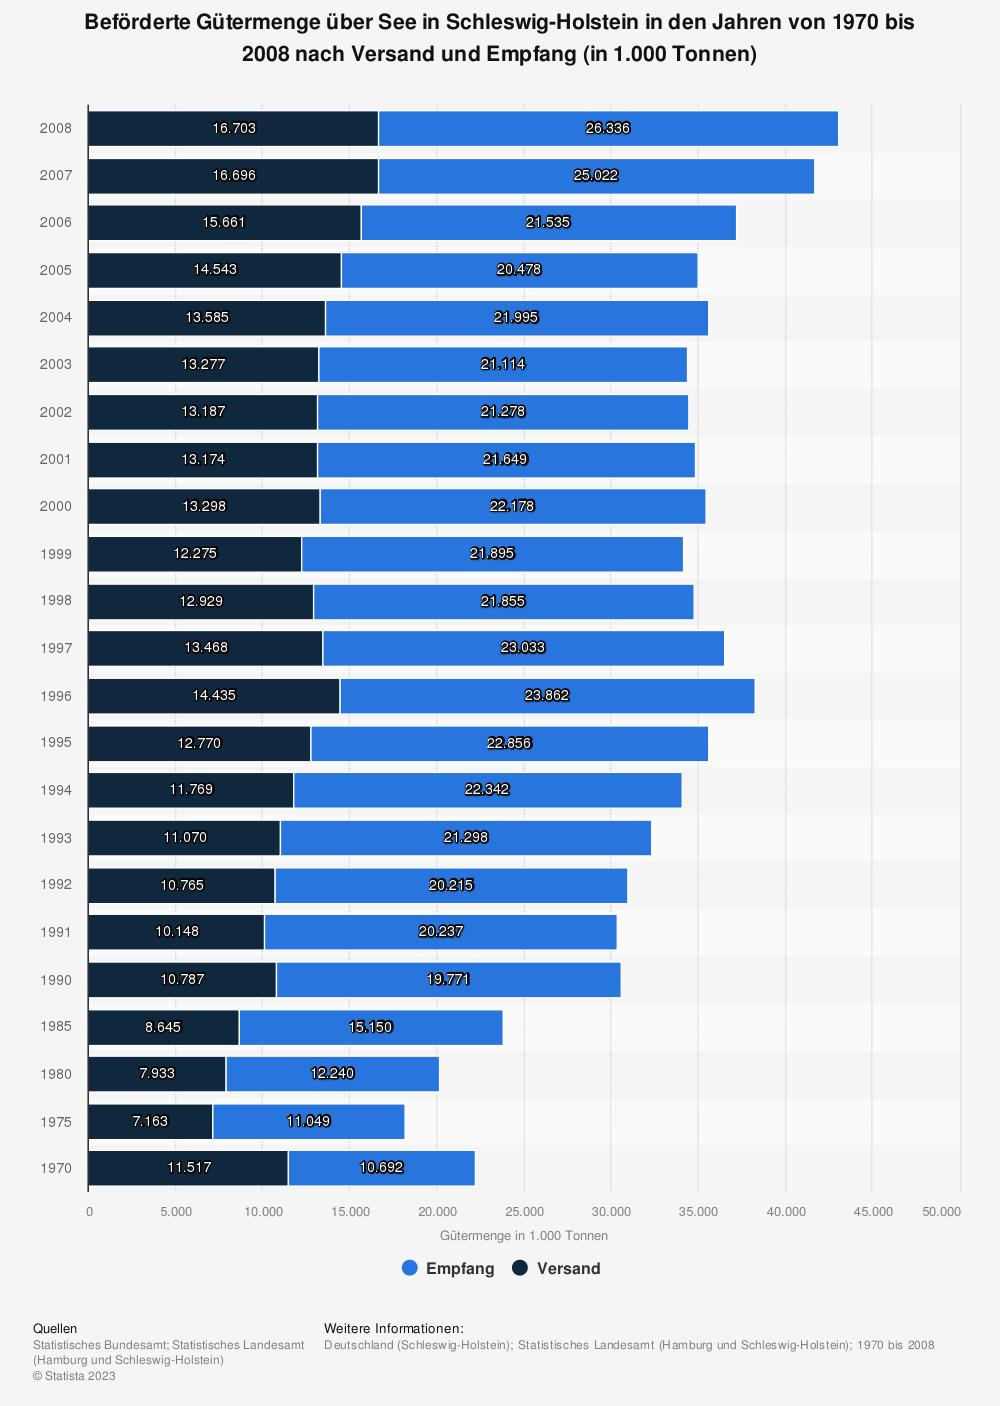 Statistik: Beförderte Gütermenge über See in Schleswig-Holstein in den Jahren von 1970 bis 2008 nach Versand und Empfang (in 1.000 Tonnen) | Statista